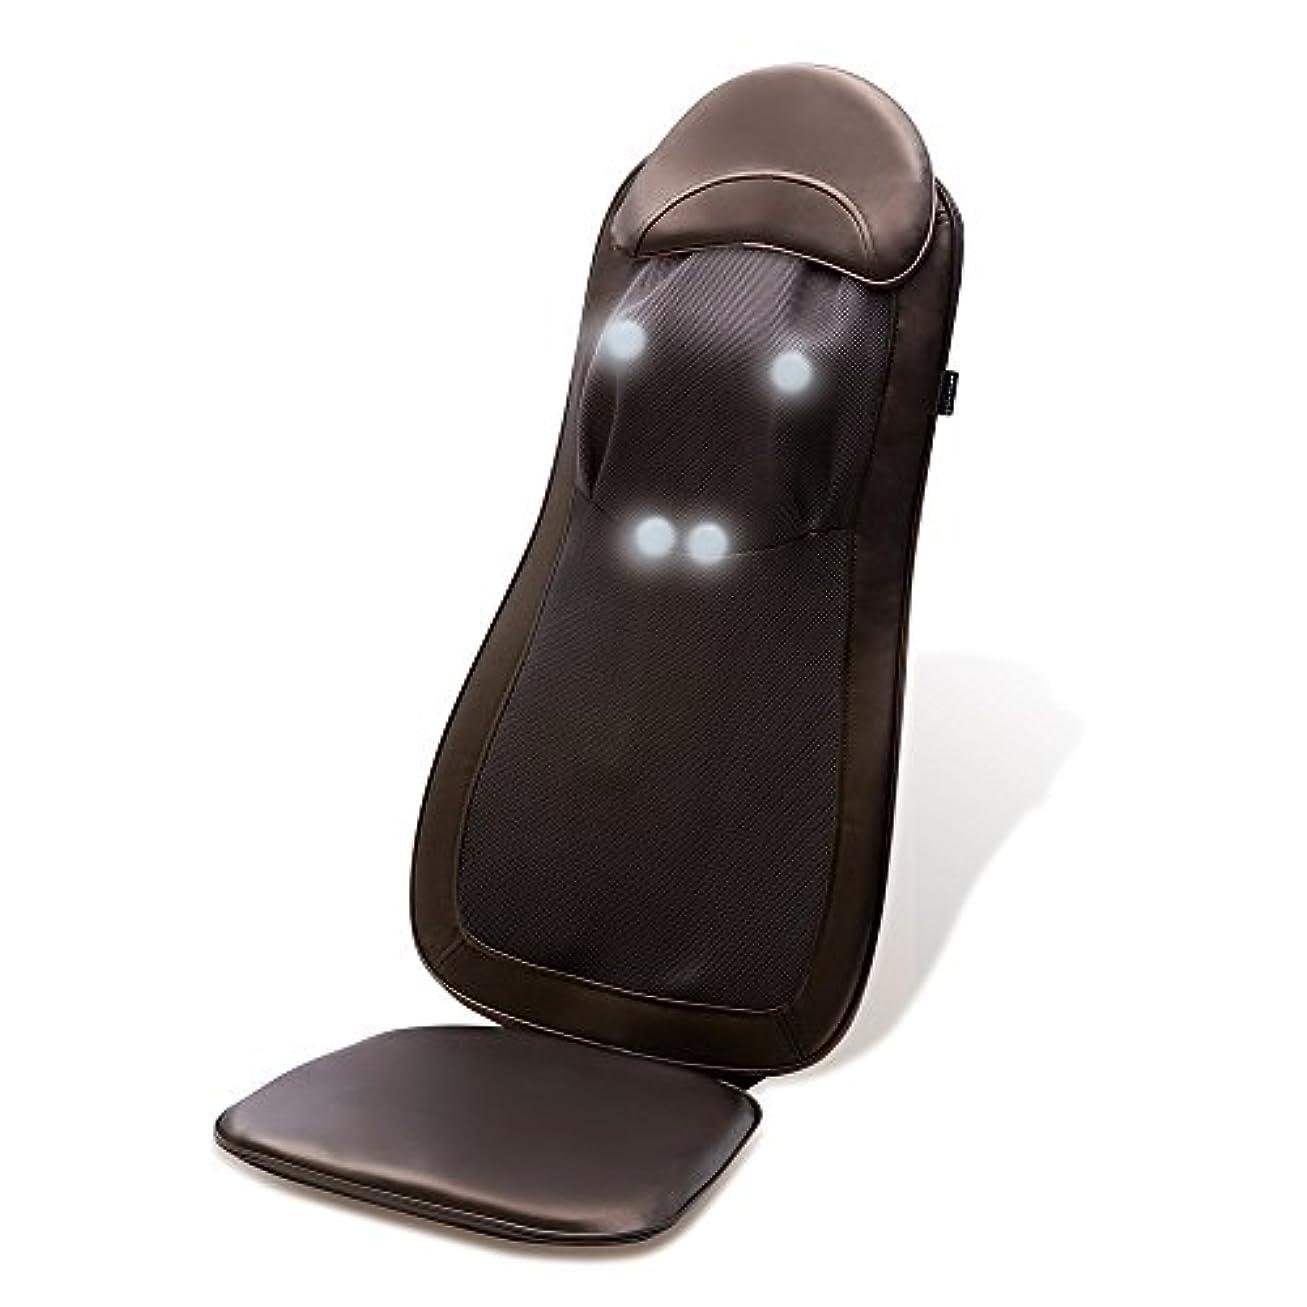 もろい事業考えドクターエア 3Dマッサージシート プレミアム (ブラウン) MS-002BR